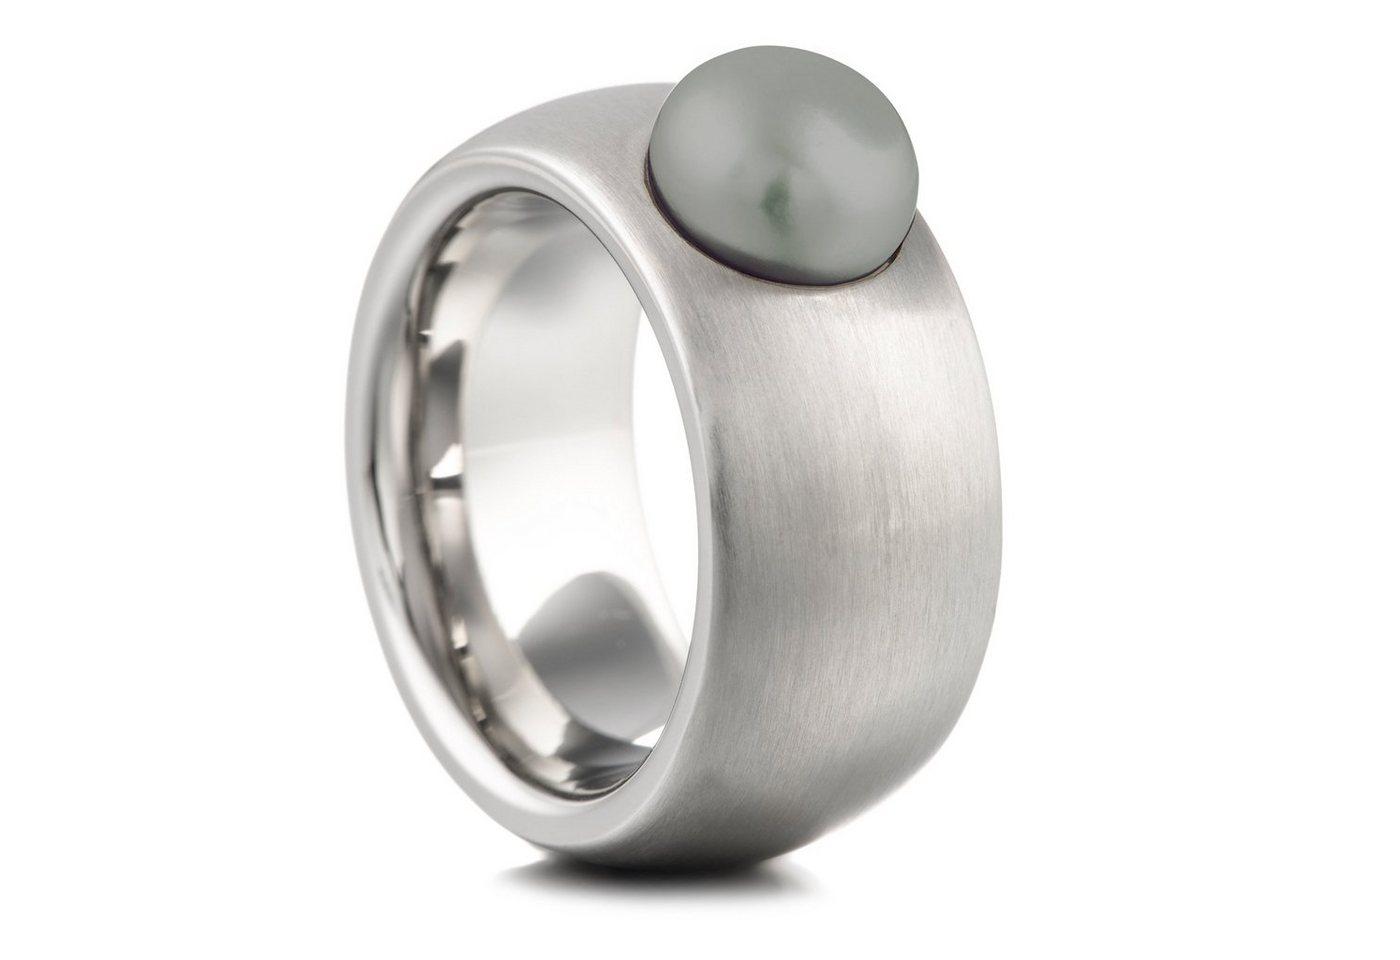 Heideman Perlenring »Coma 11 Strichmatt« Damenring mit Swarovski Perle   Schmuck > Ringe > Perlenringe   Grau   Heideman